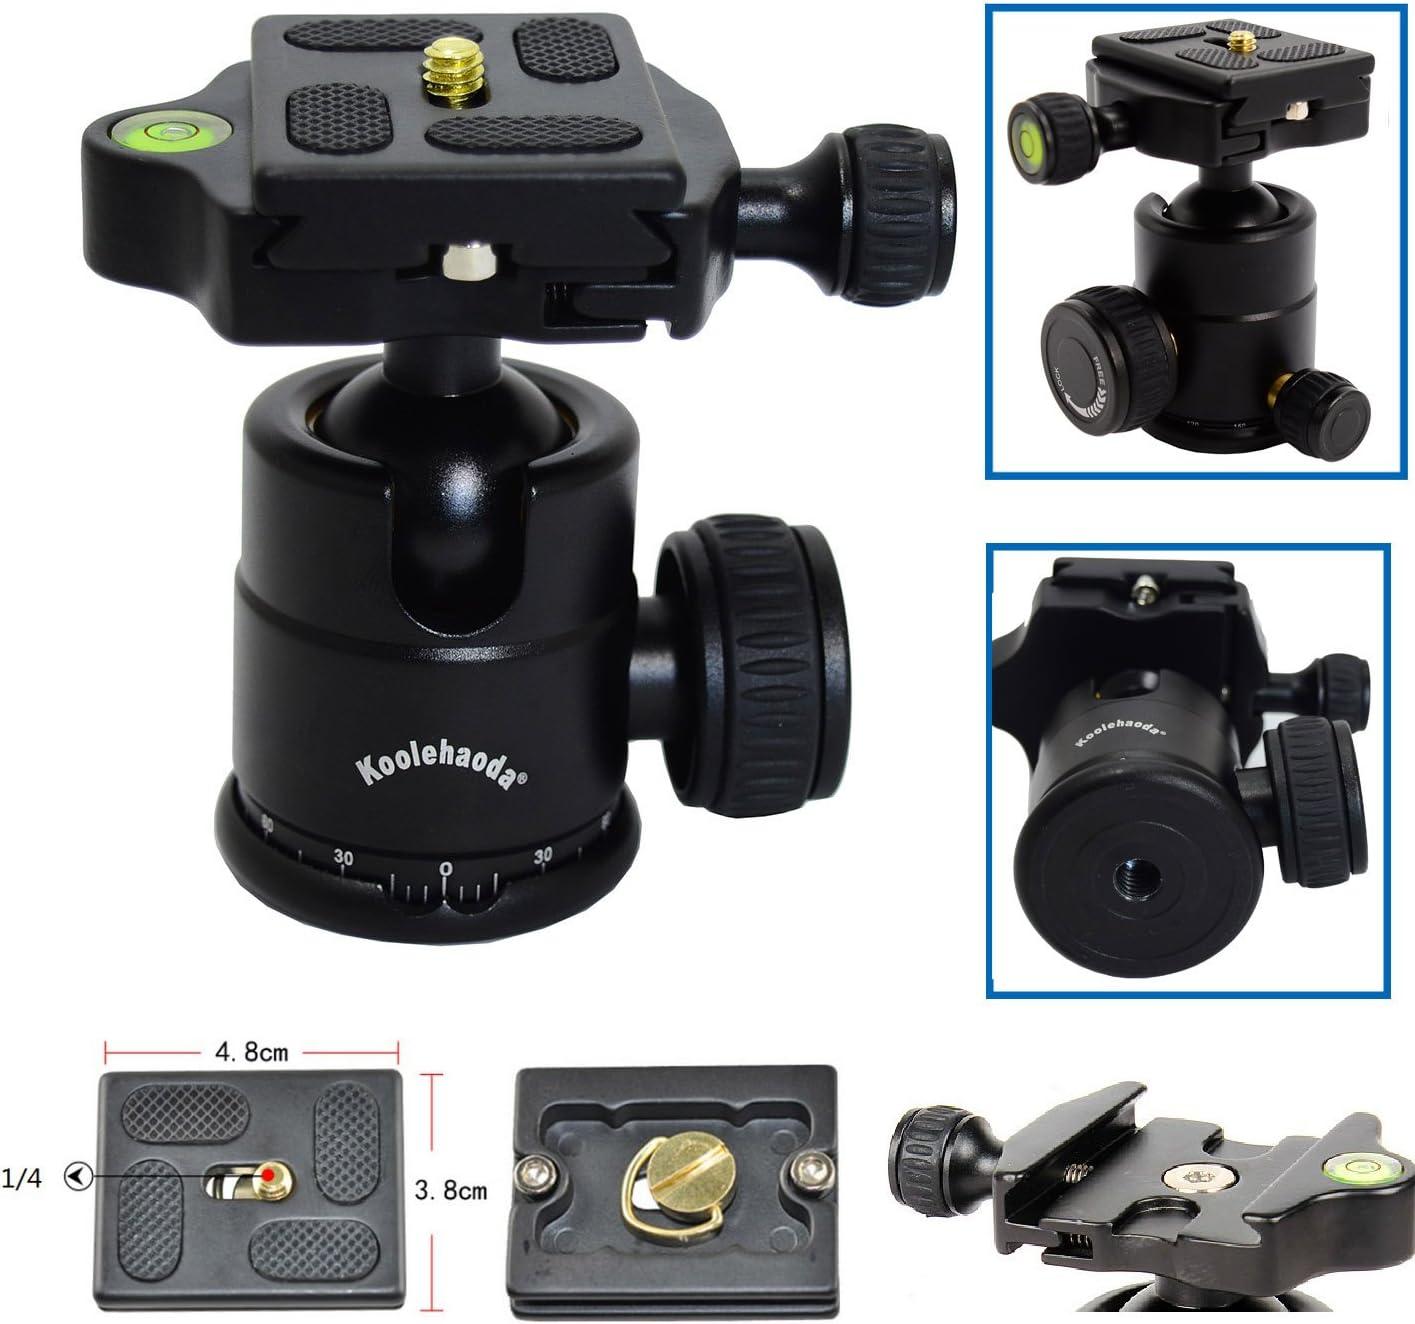 koolehaoda KQ-166 Travel Portable Mini Tripod With Ball Head For DSLR Camera KQ-166 Mini triod